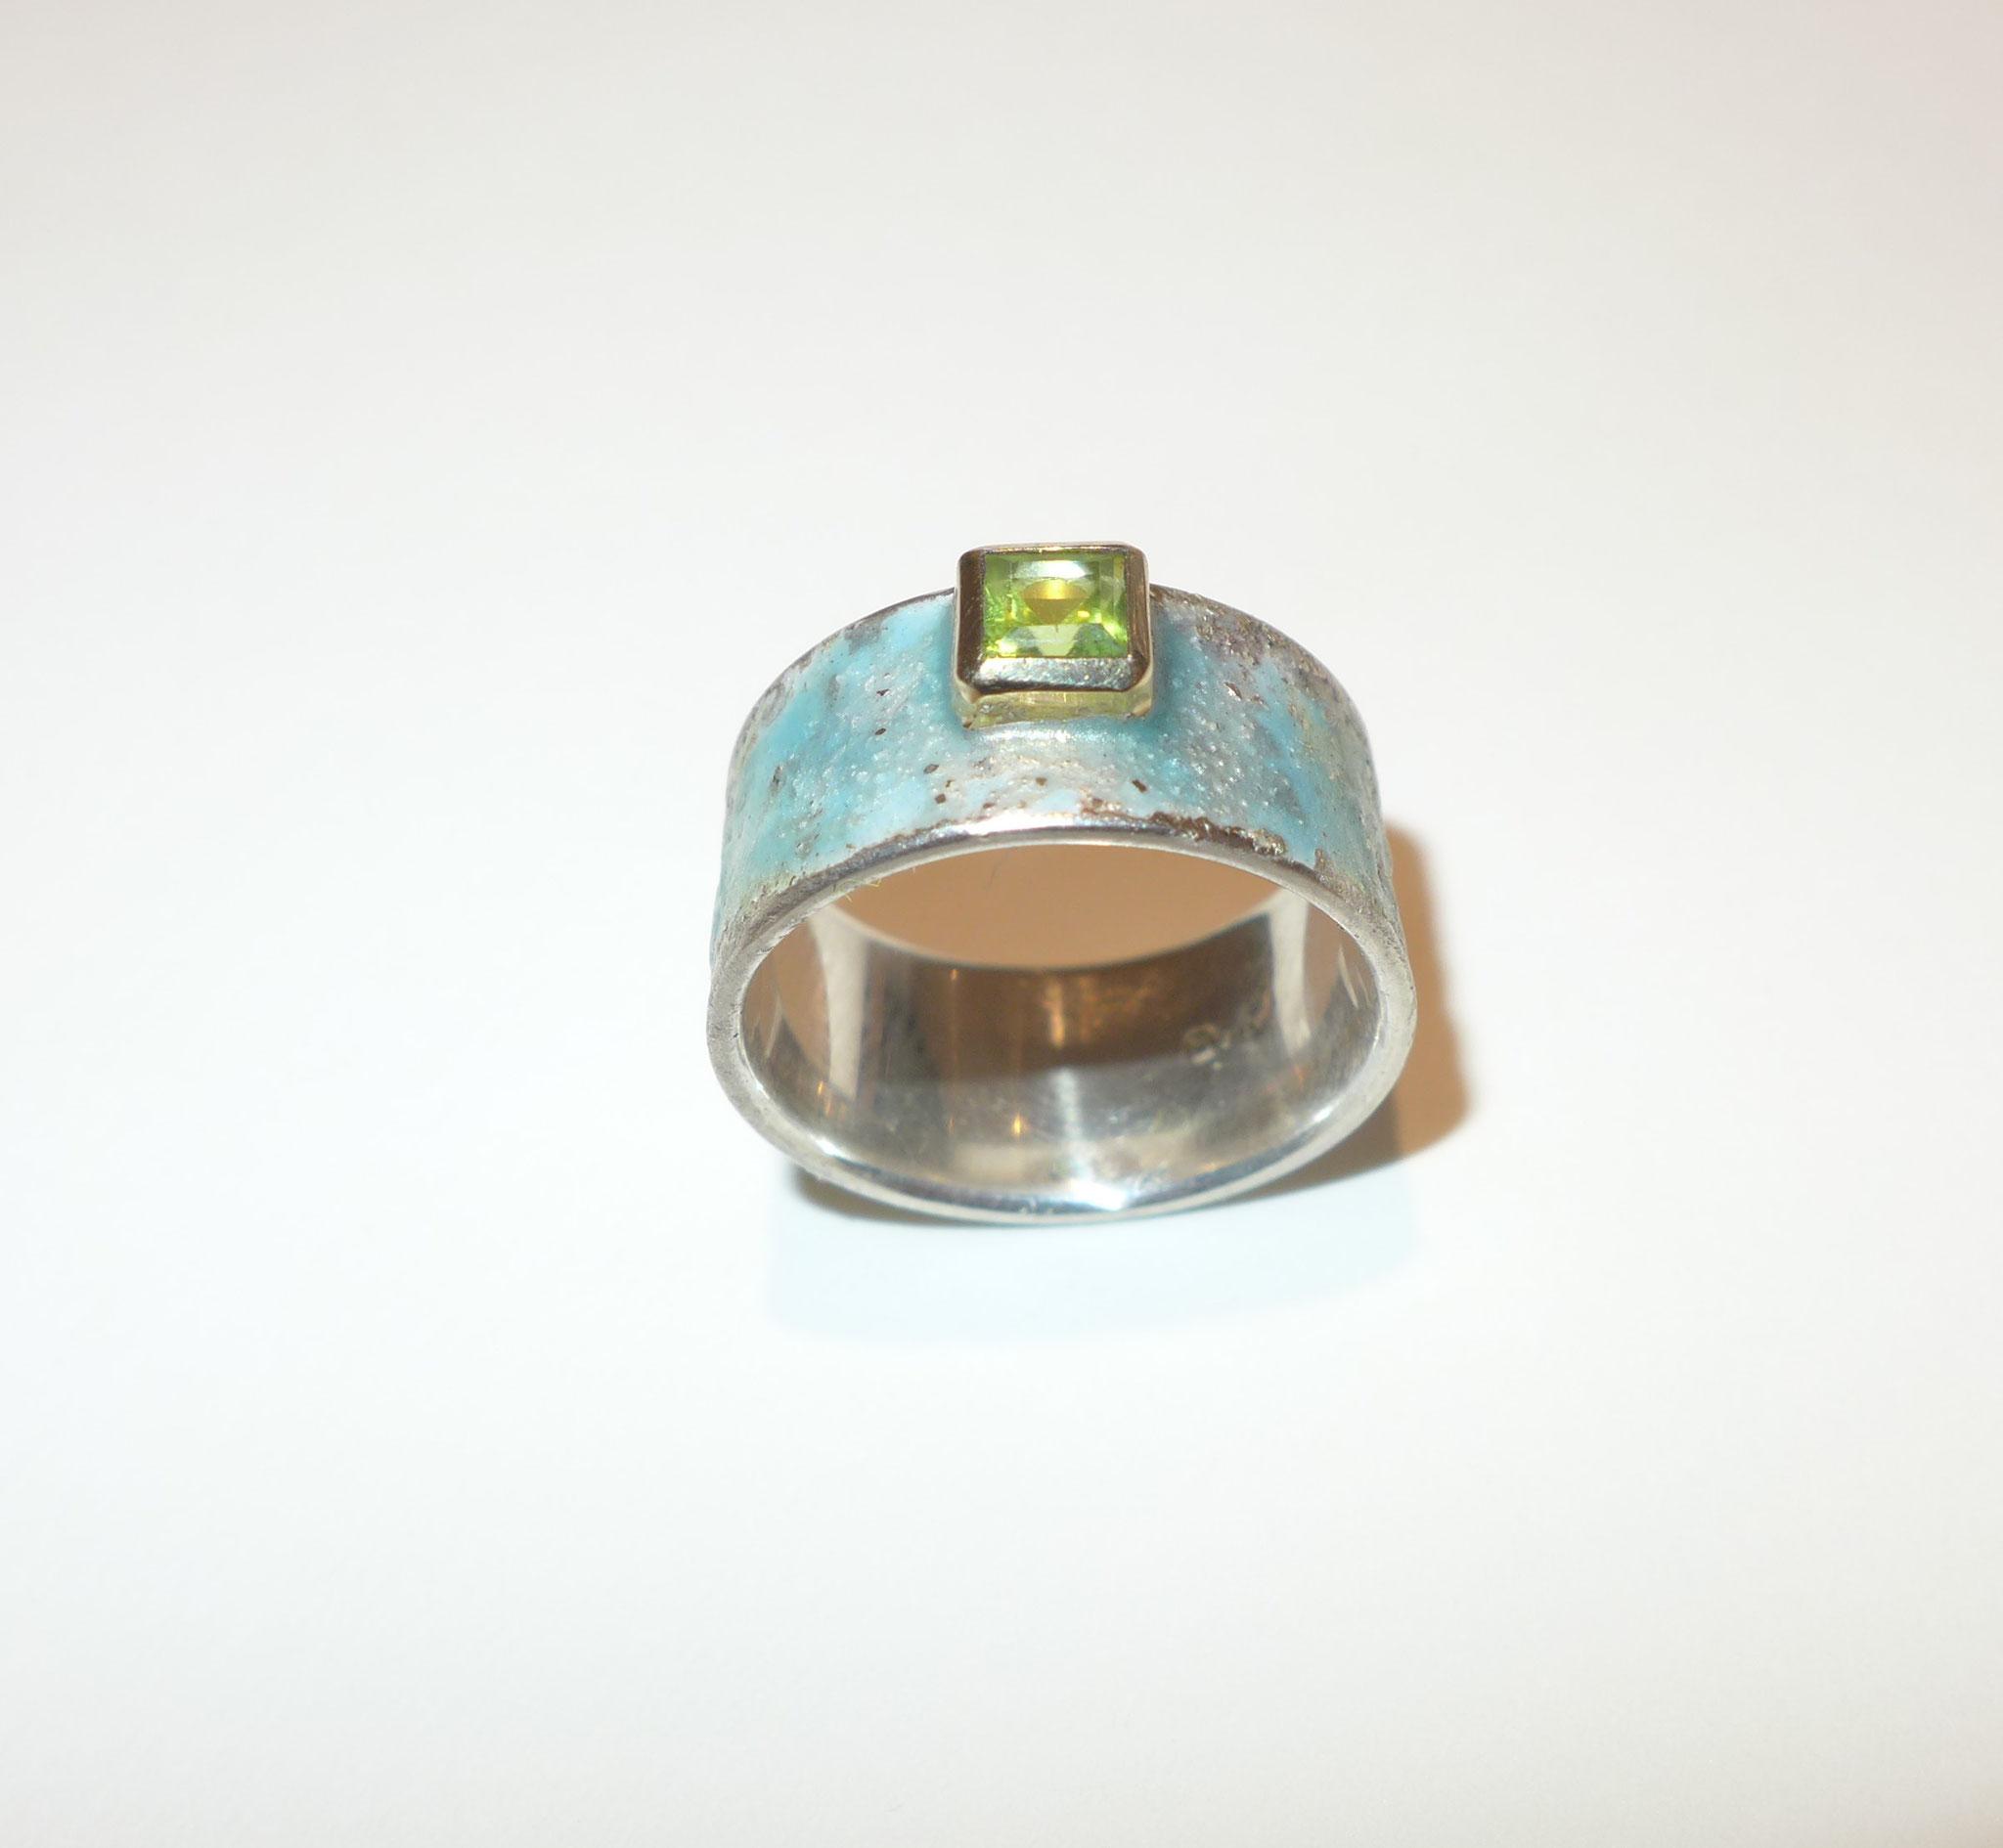 sterling silver, enamel, peridot